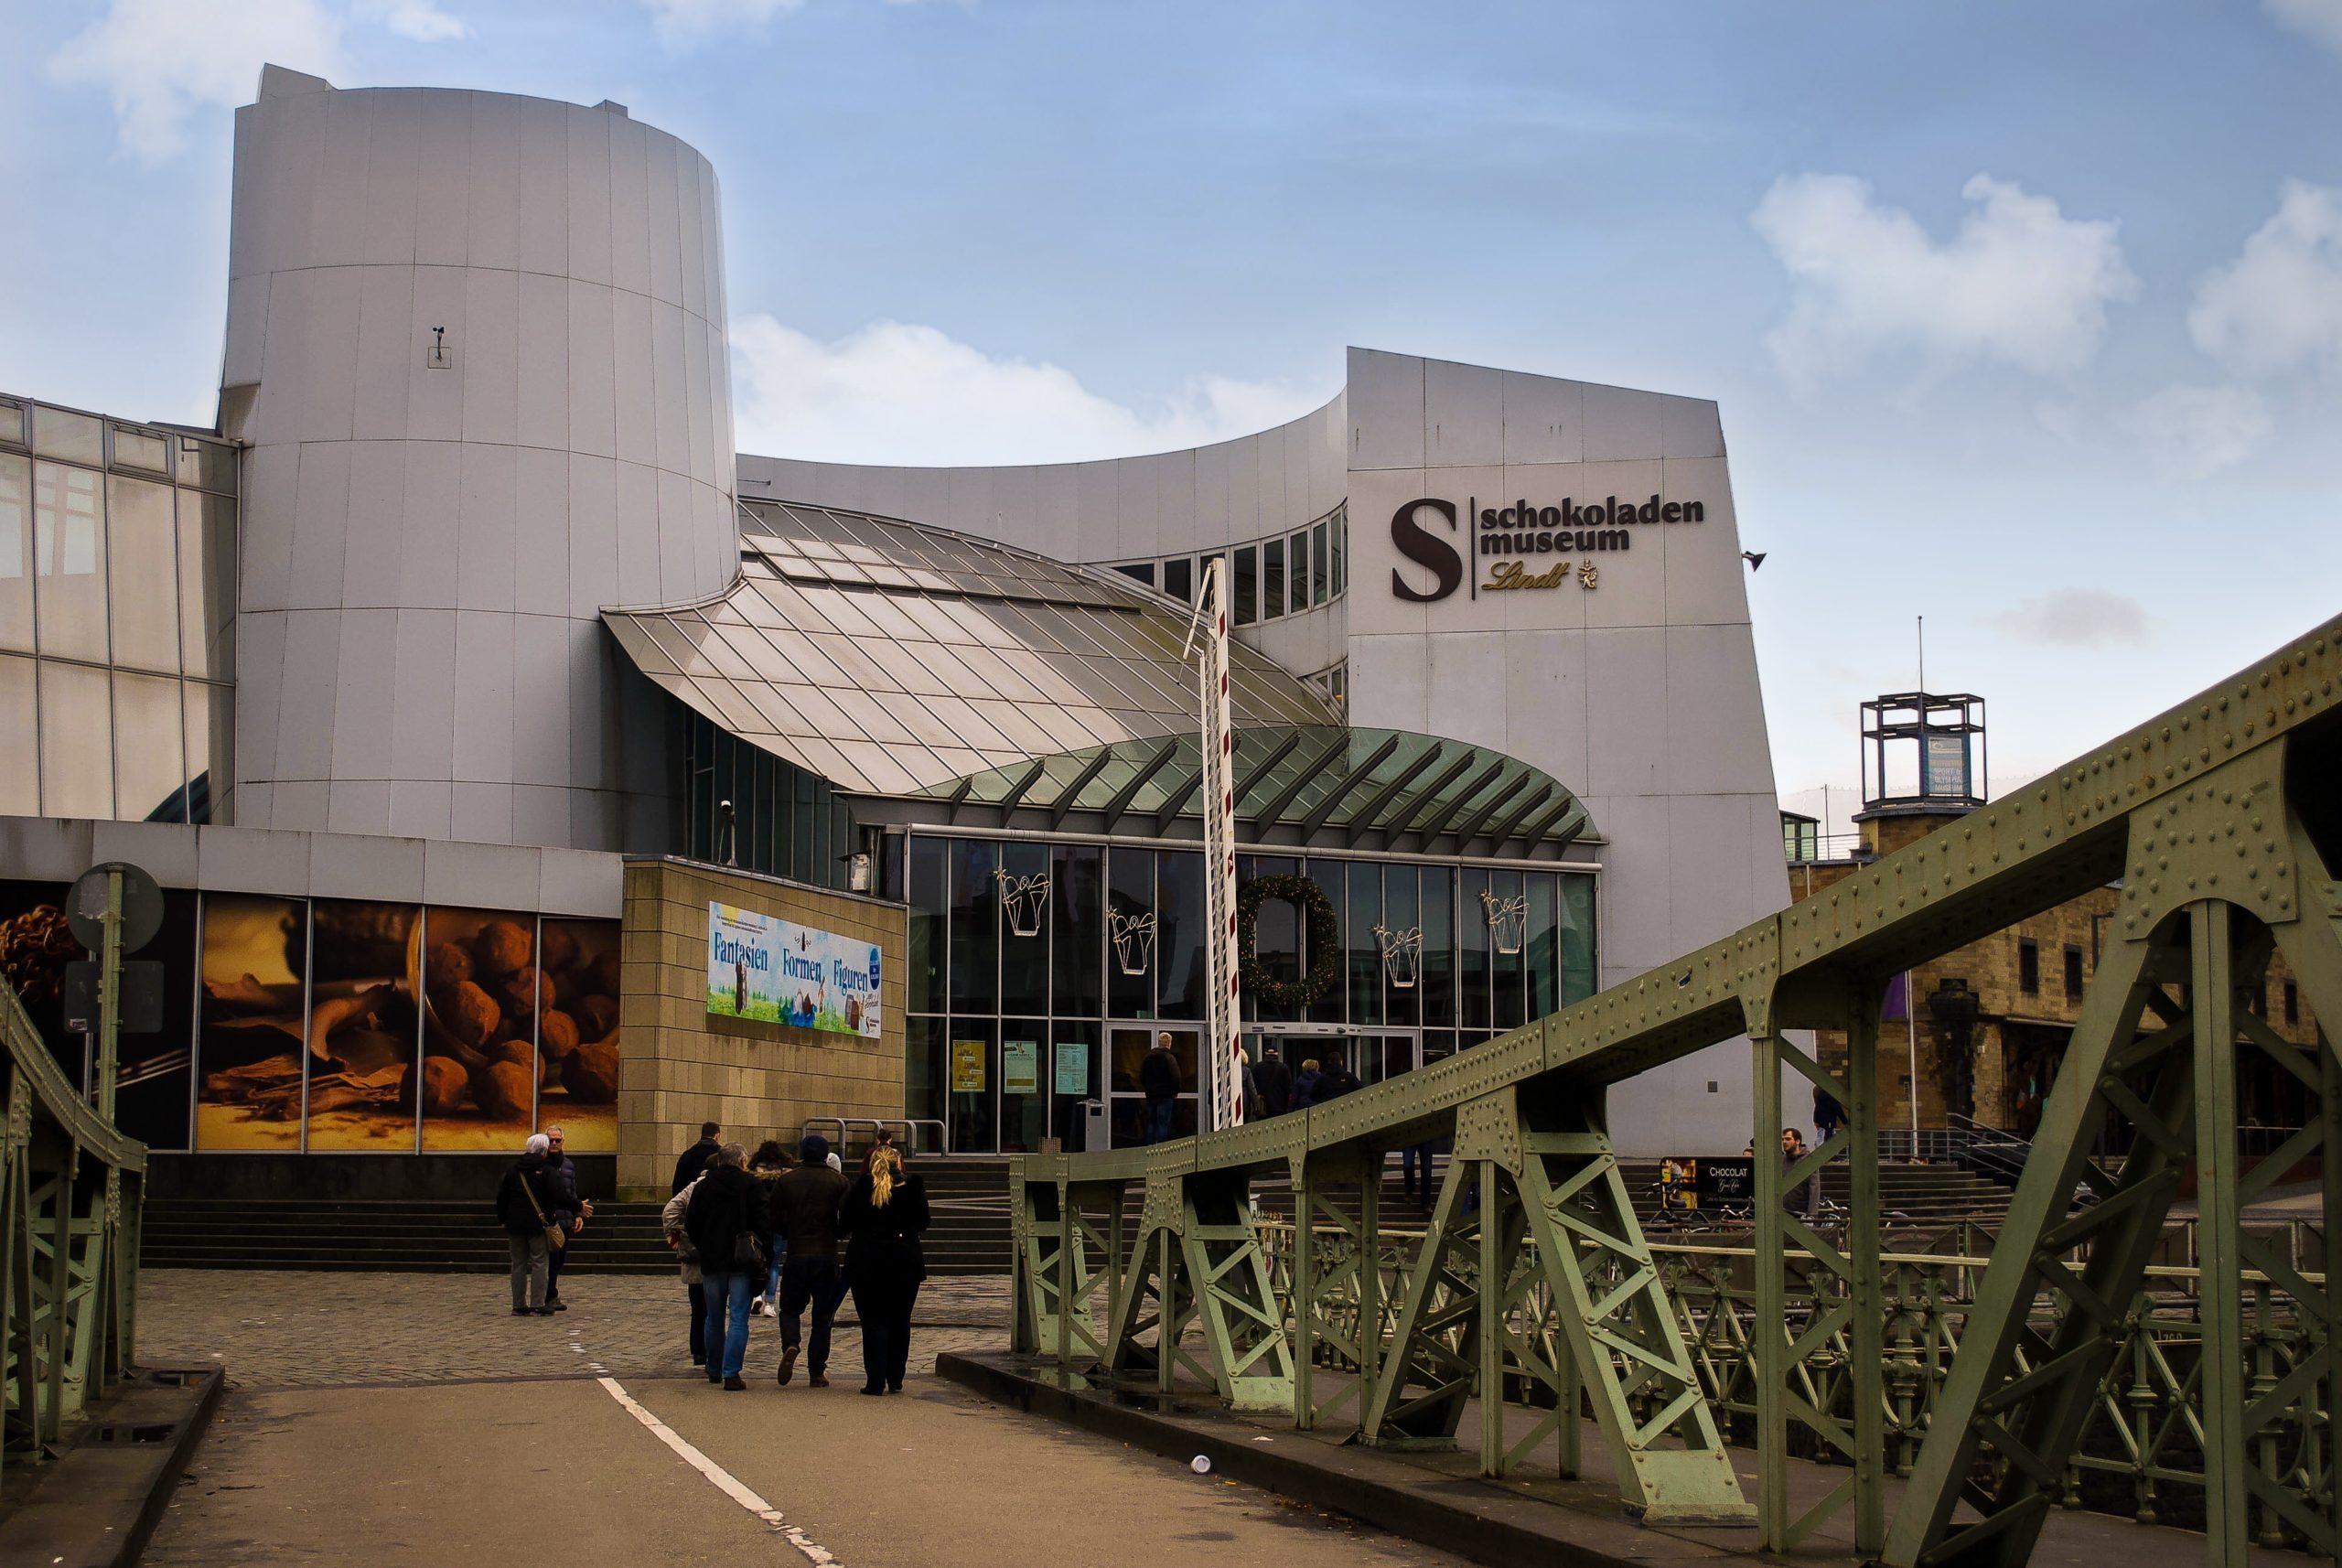 SIMONE: Museum of chocolate nyc